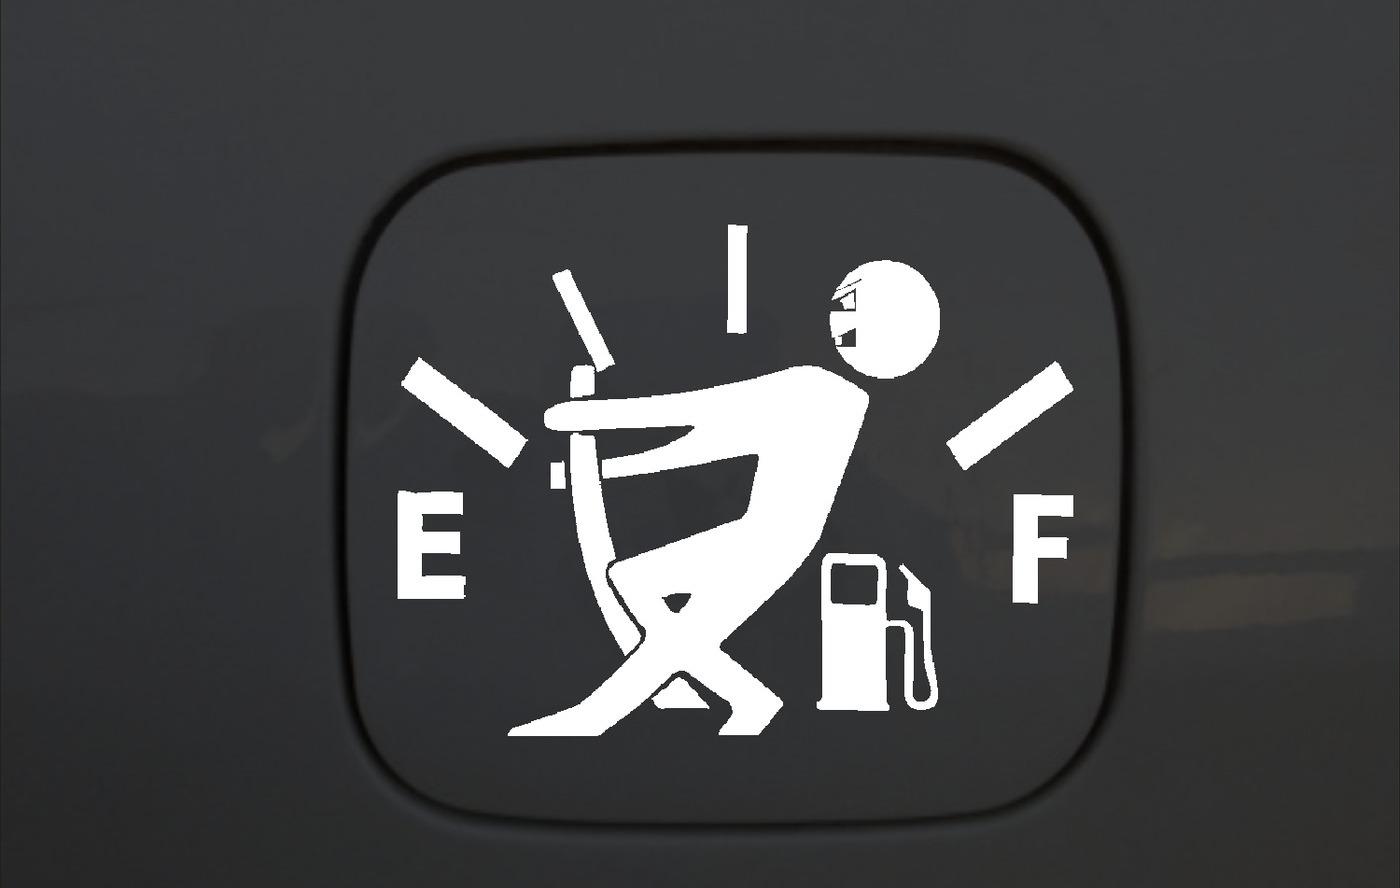 Наклейка на бензобак автомобиля